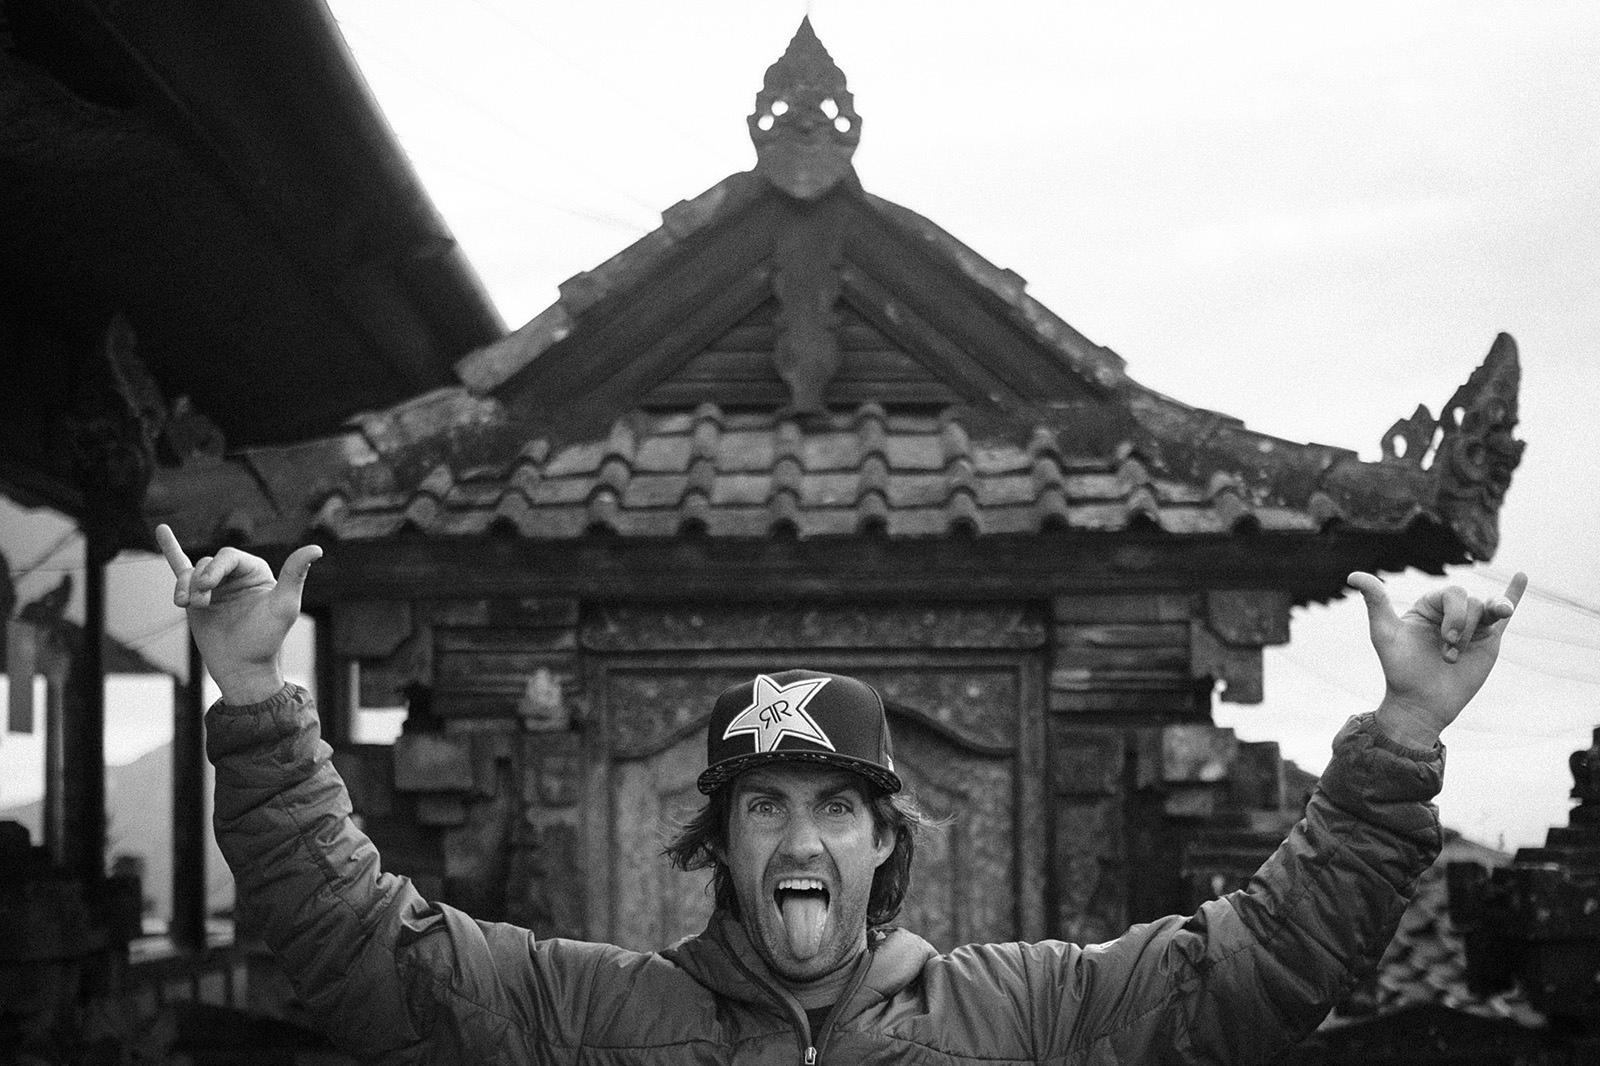 Cam McCaul in Bali Indonesia